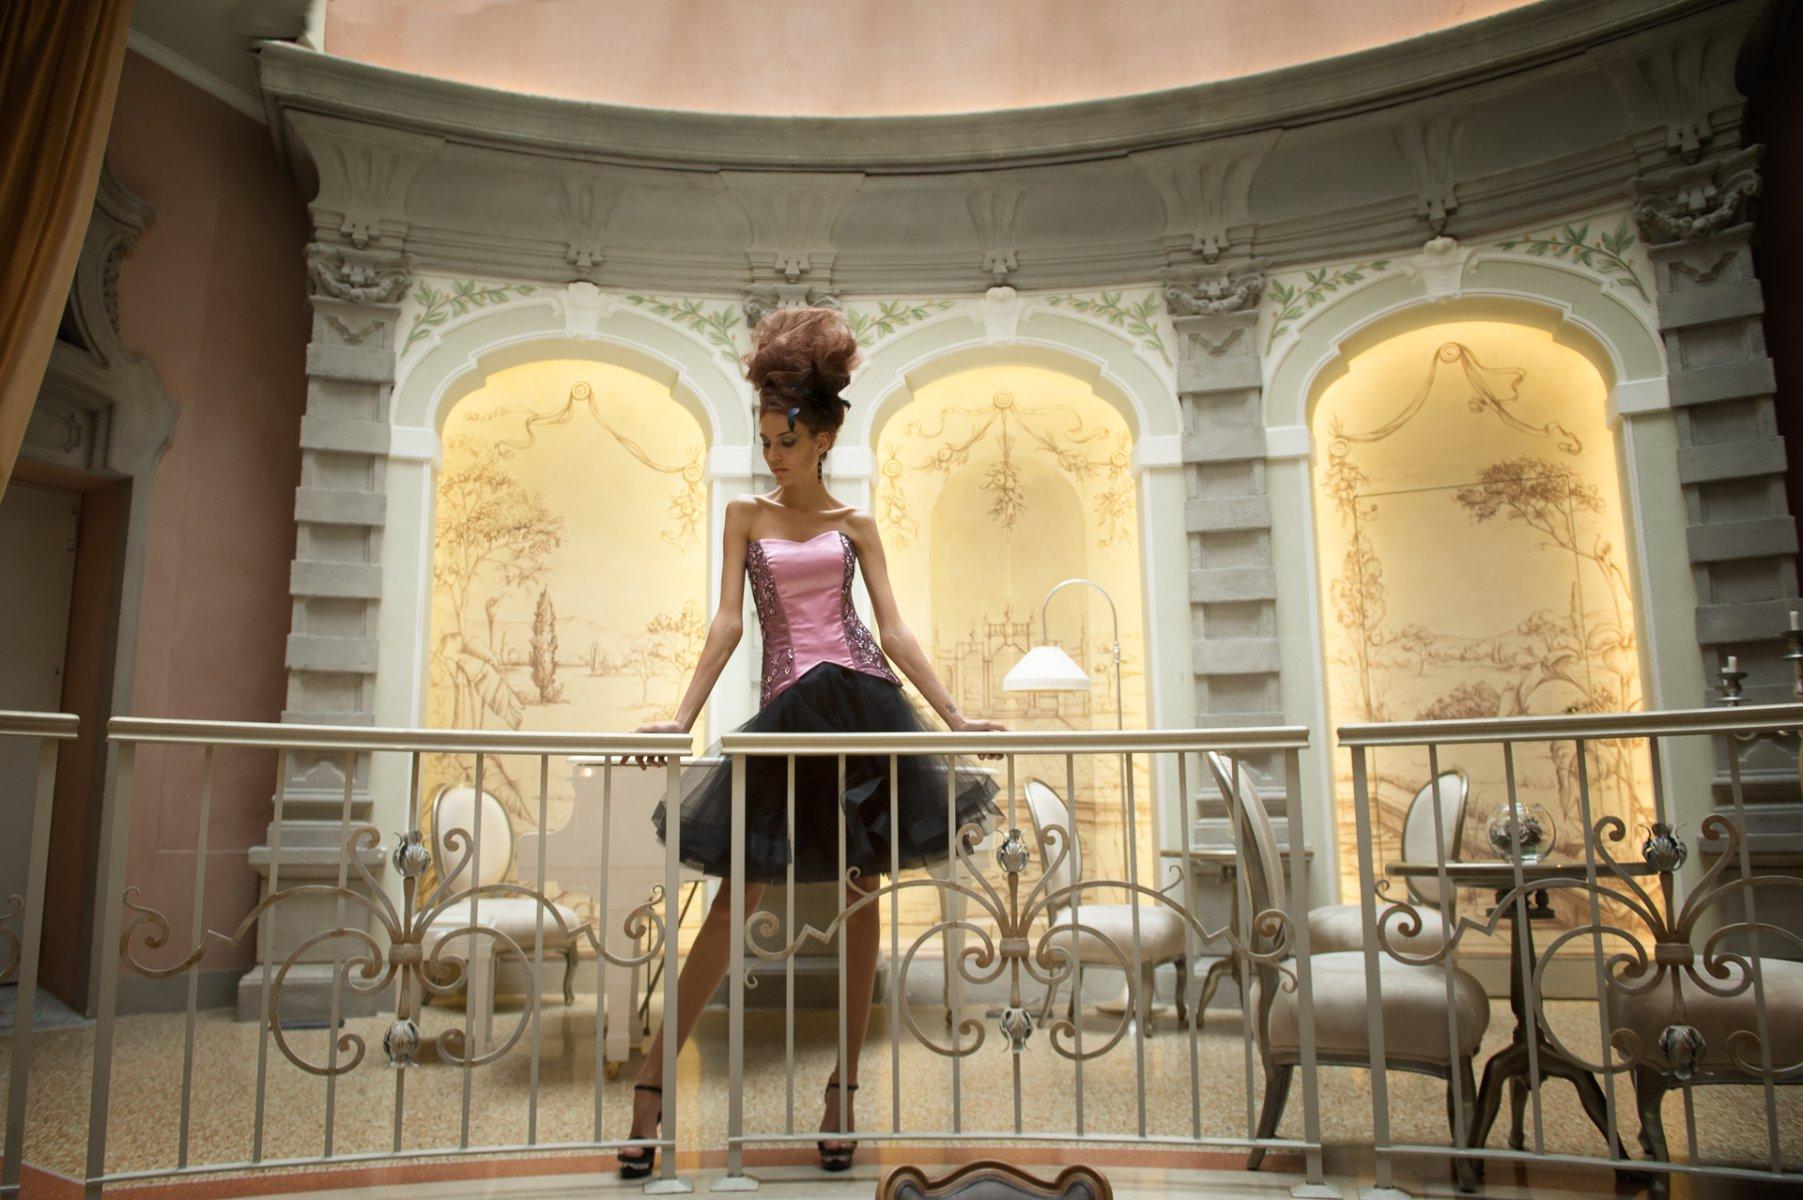 121-Boldini-Tribute Fashion/Adv